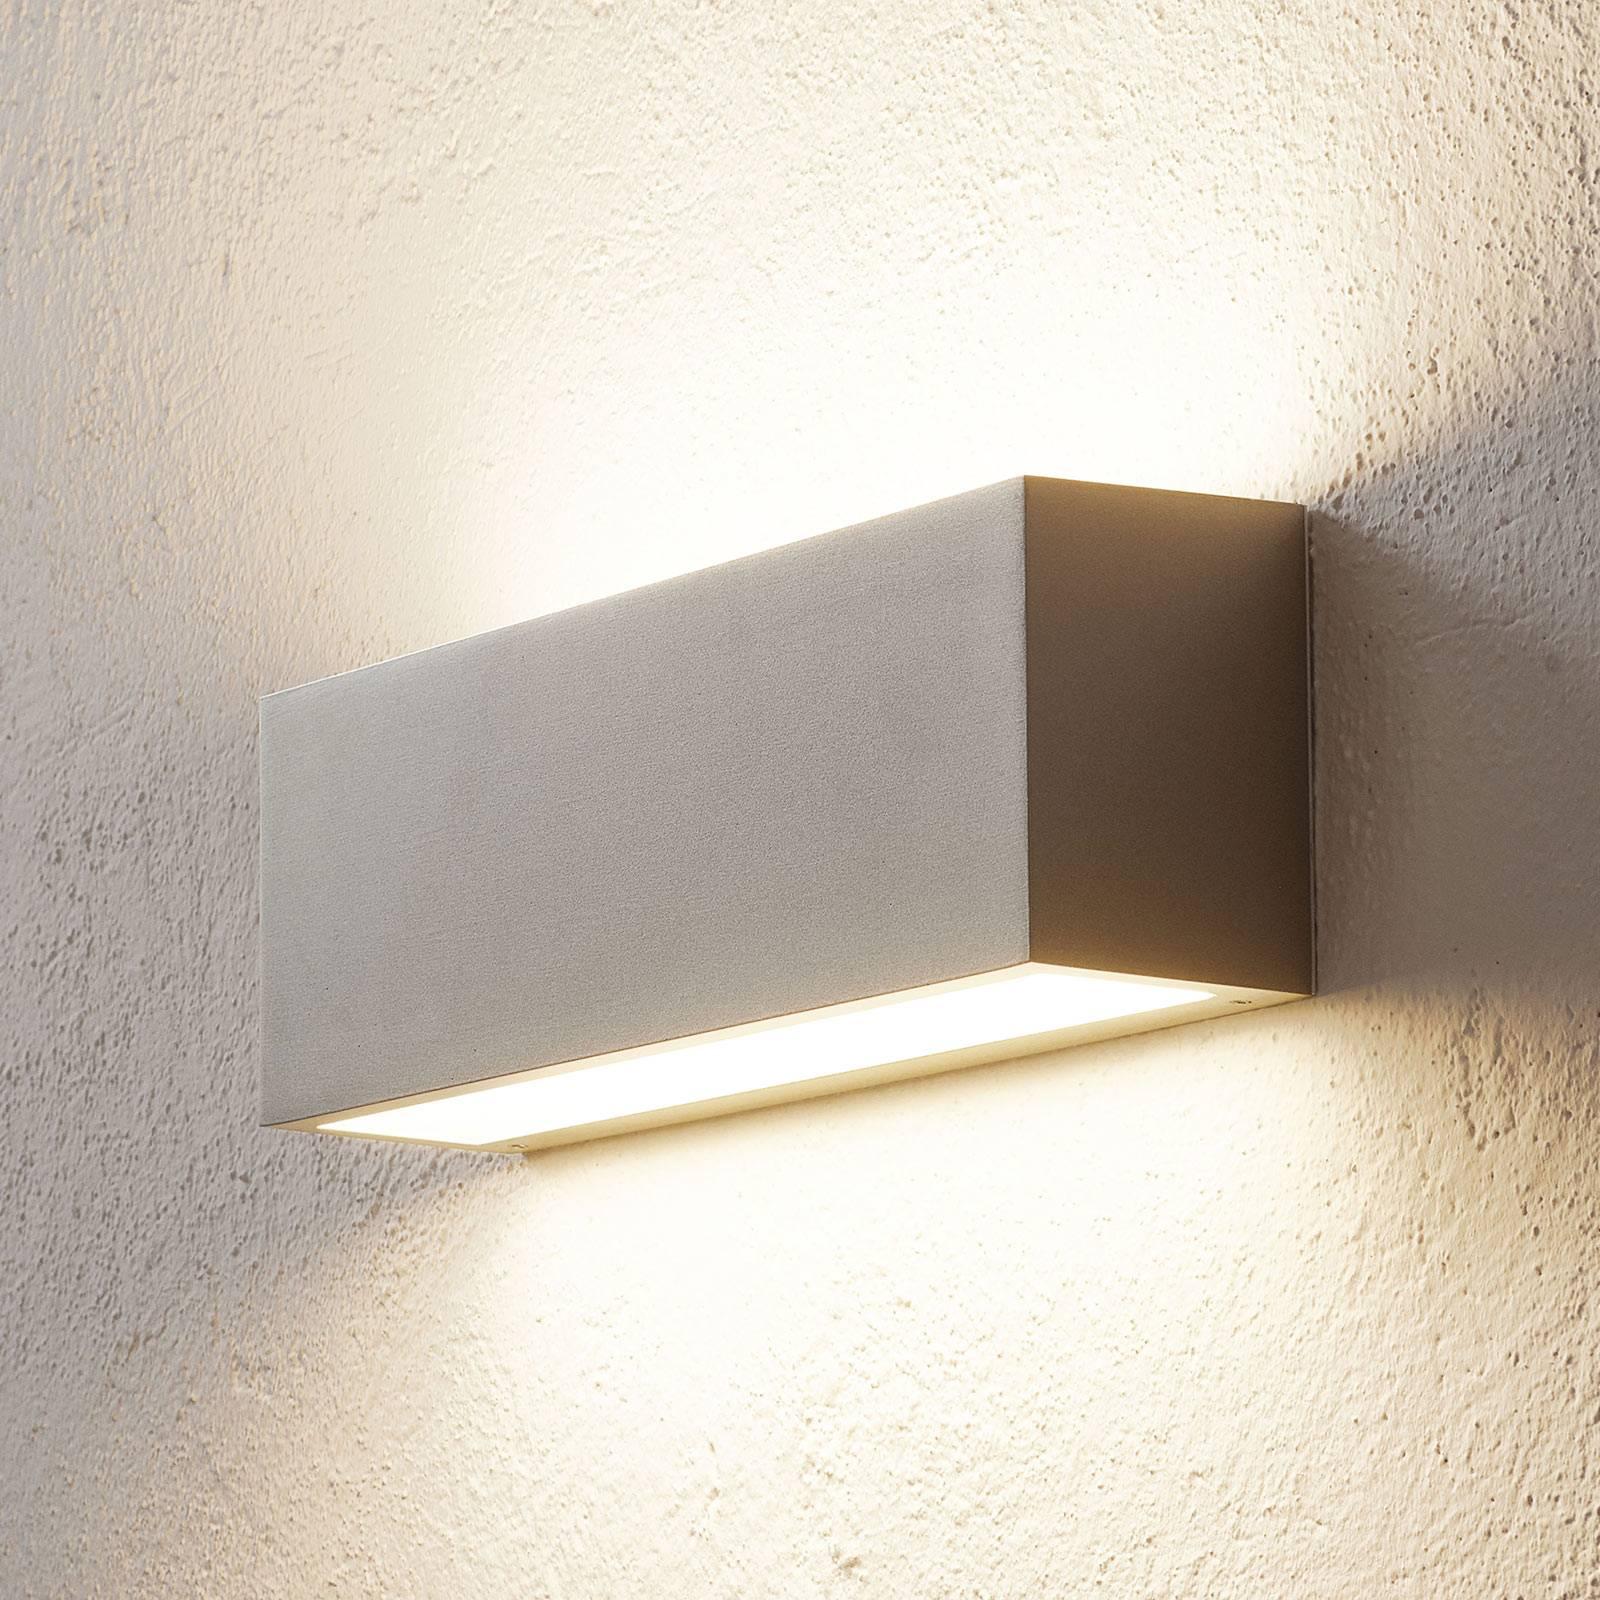 BEGA 50147 applique LED, DALI, 32cm, palladium